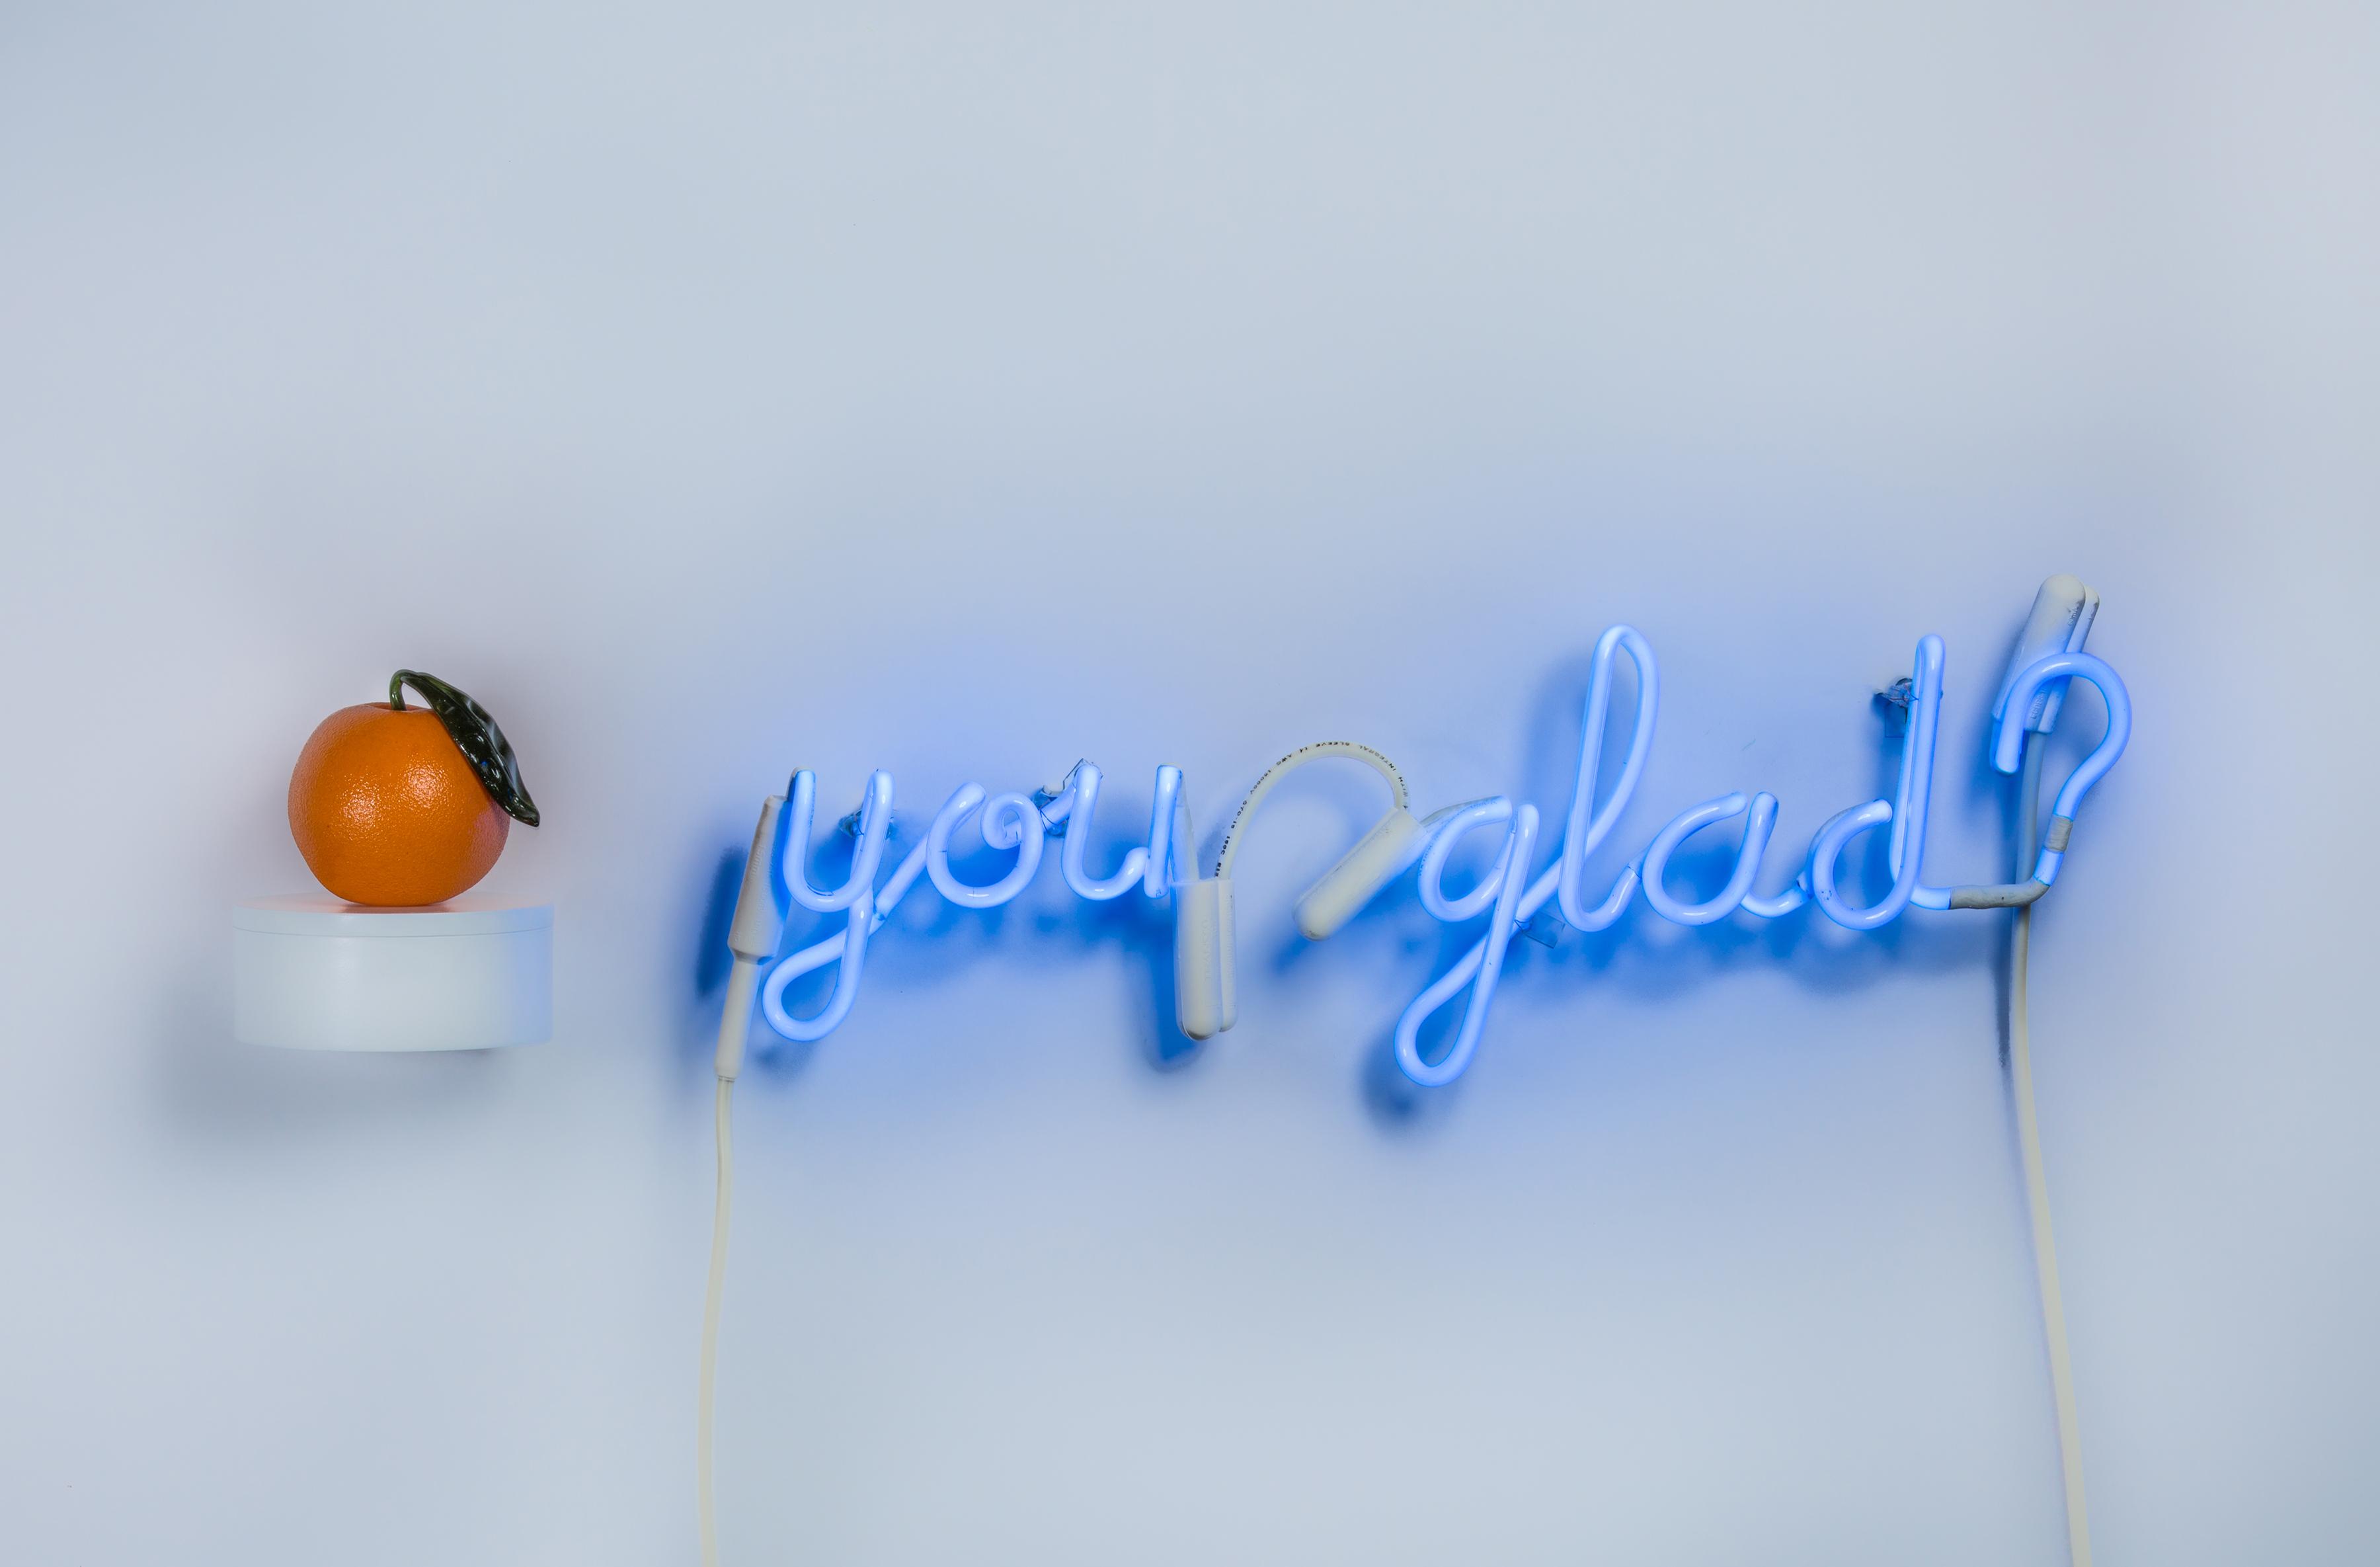 stelljes_megan_orangeyouglad